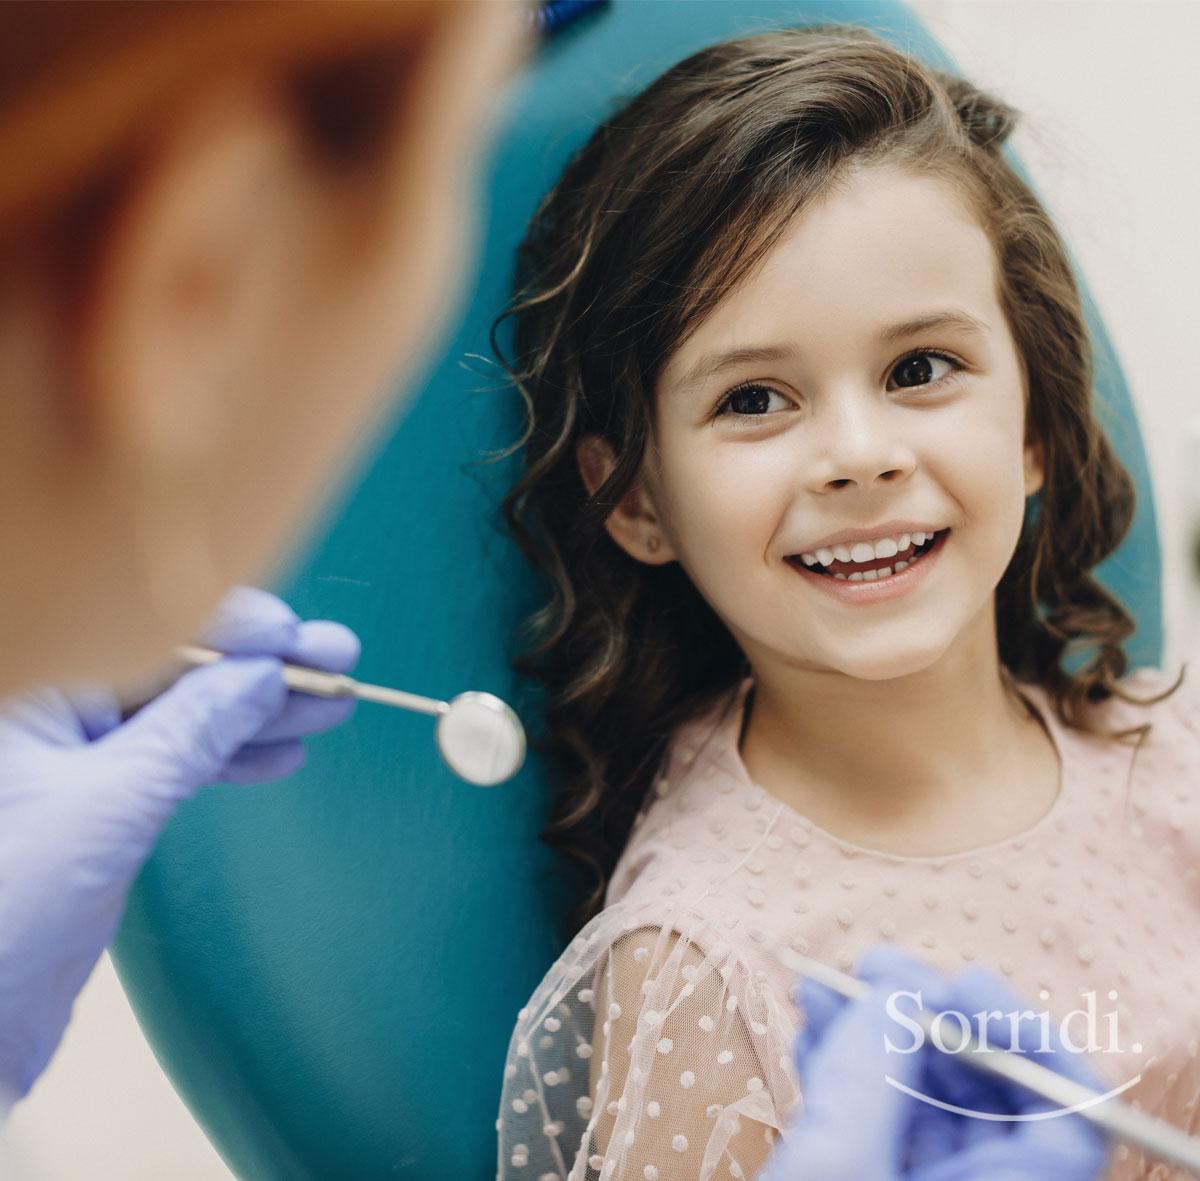 Sorridi-ch-magazine-dentista-per-bambini